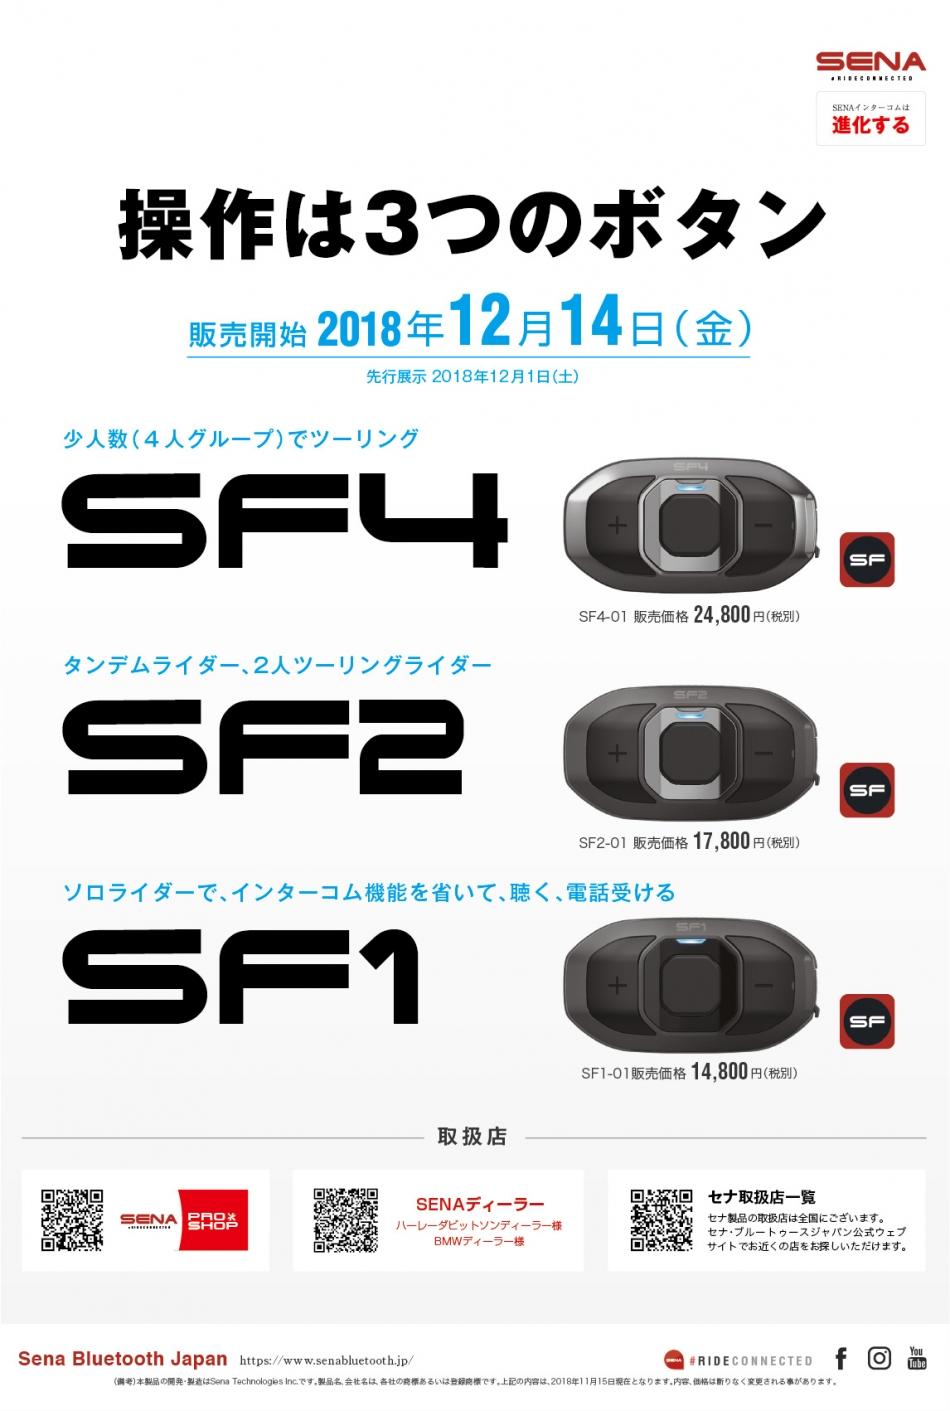 「操作は、3つのボタン」SFシリーズ:先行展示2018年12月1日/販売開始2018年12月14日